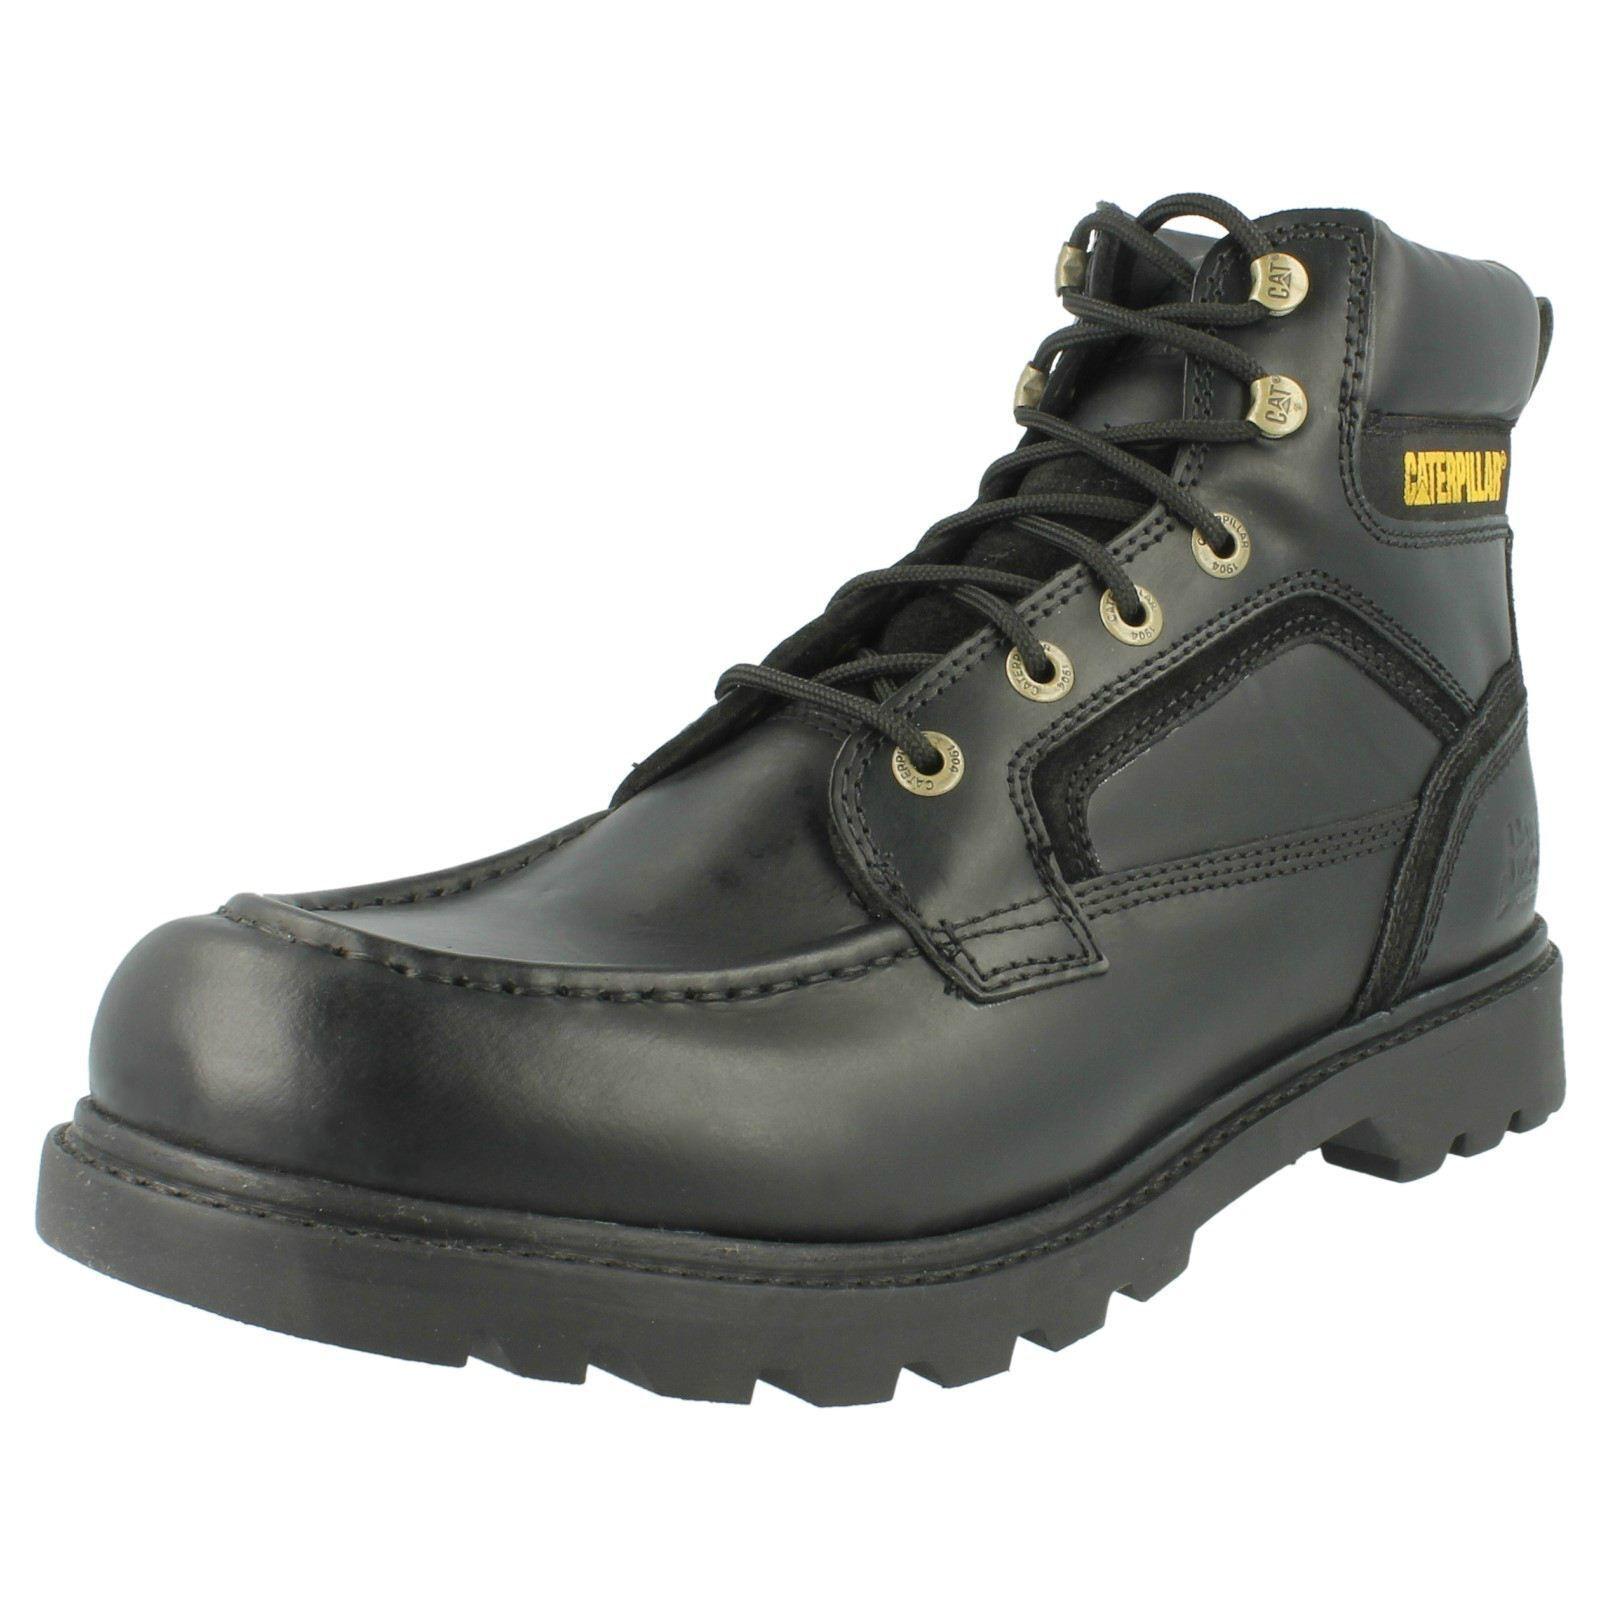 Para Hombre Caterpillar De Cuero Negro De Encaje botas transponer p713887